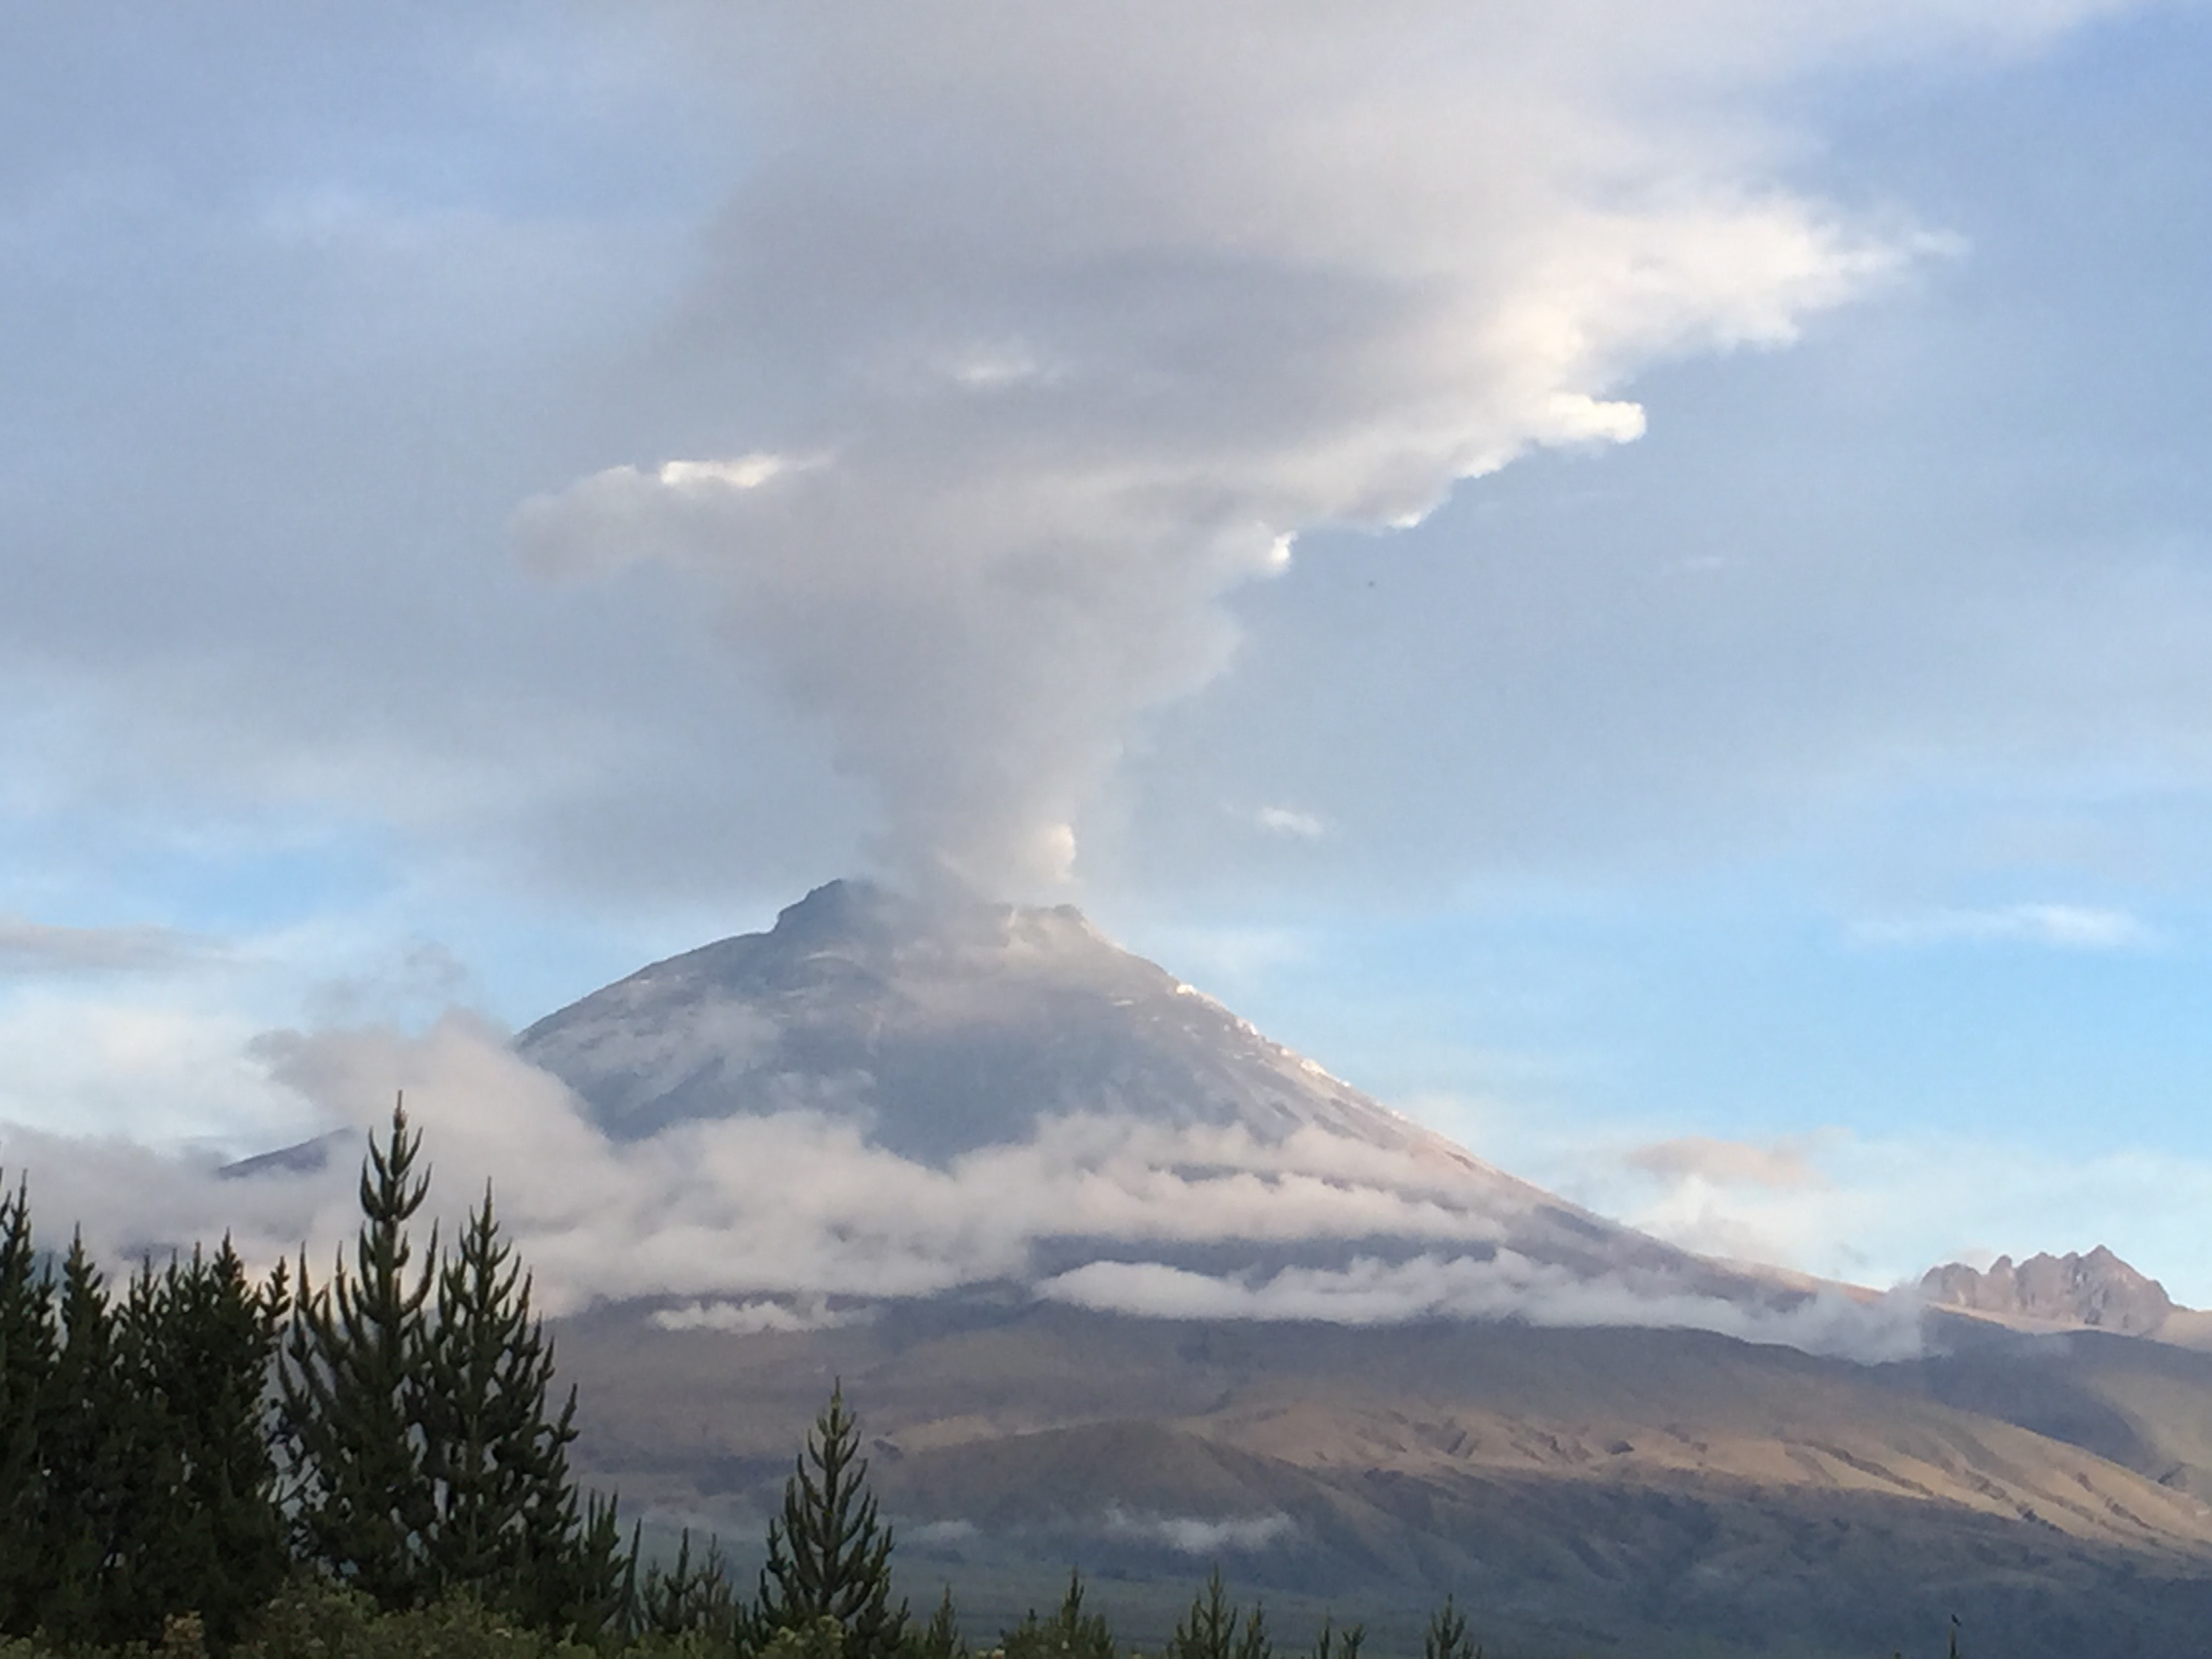 Volcán Cotopaxi en erupción. Fotografía de Ángela Paloma